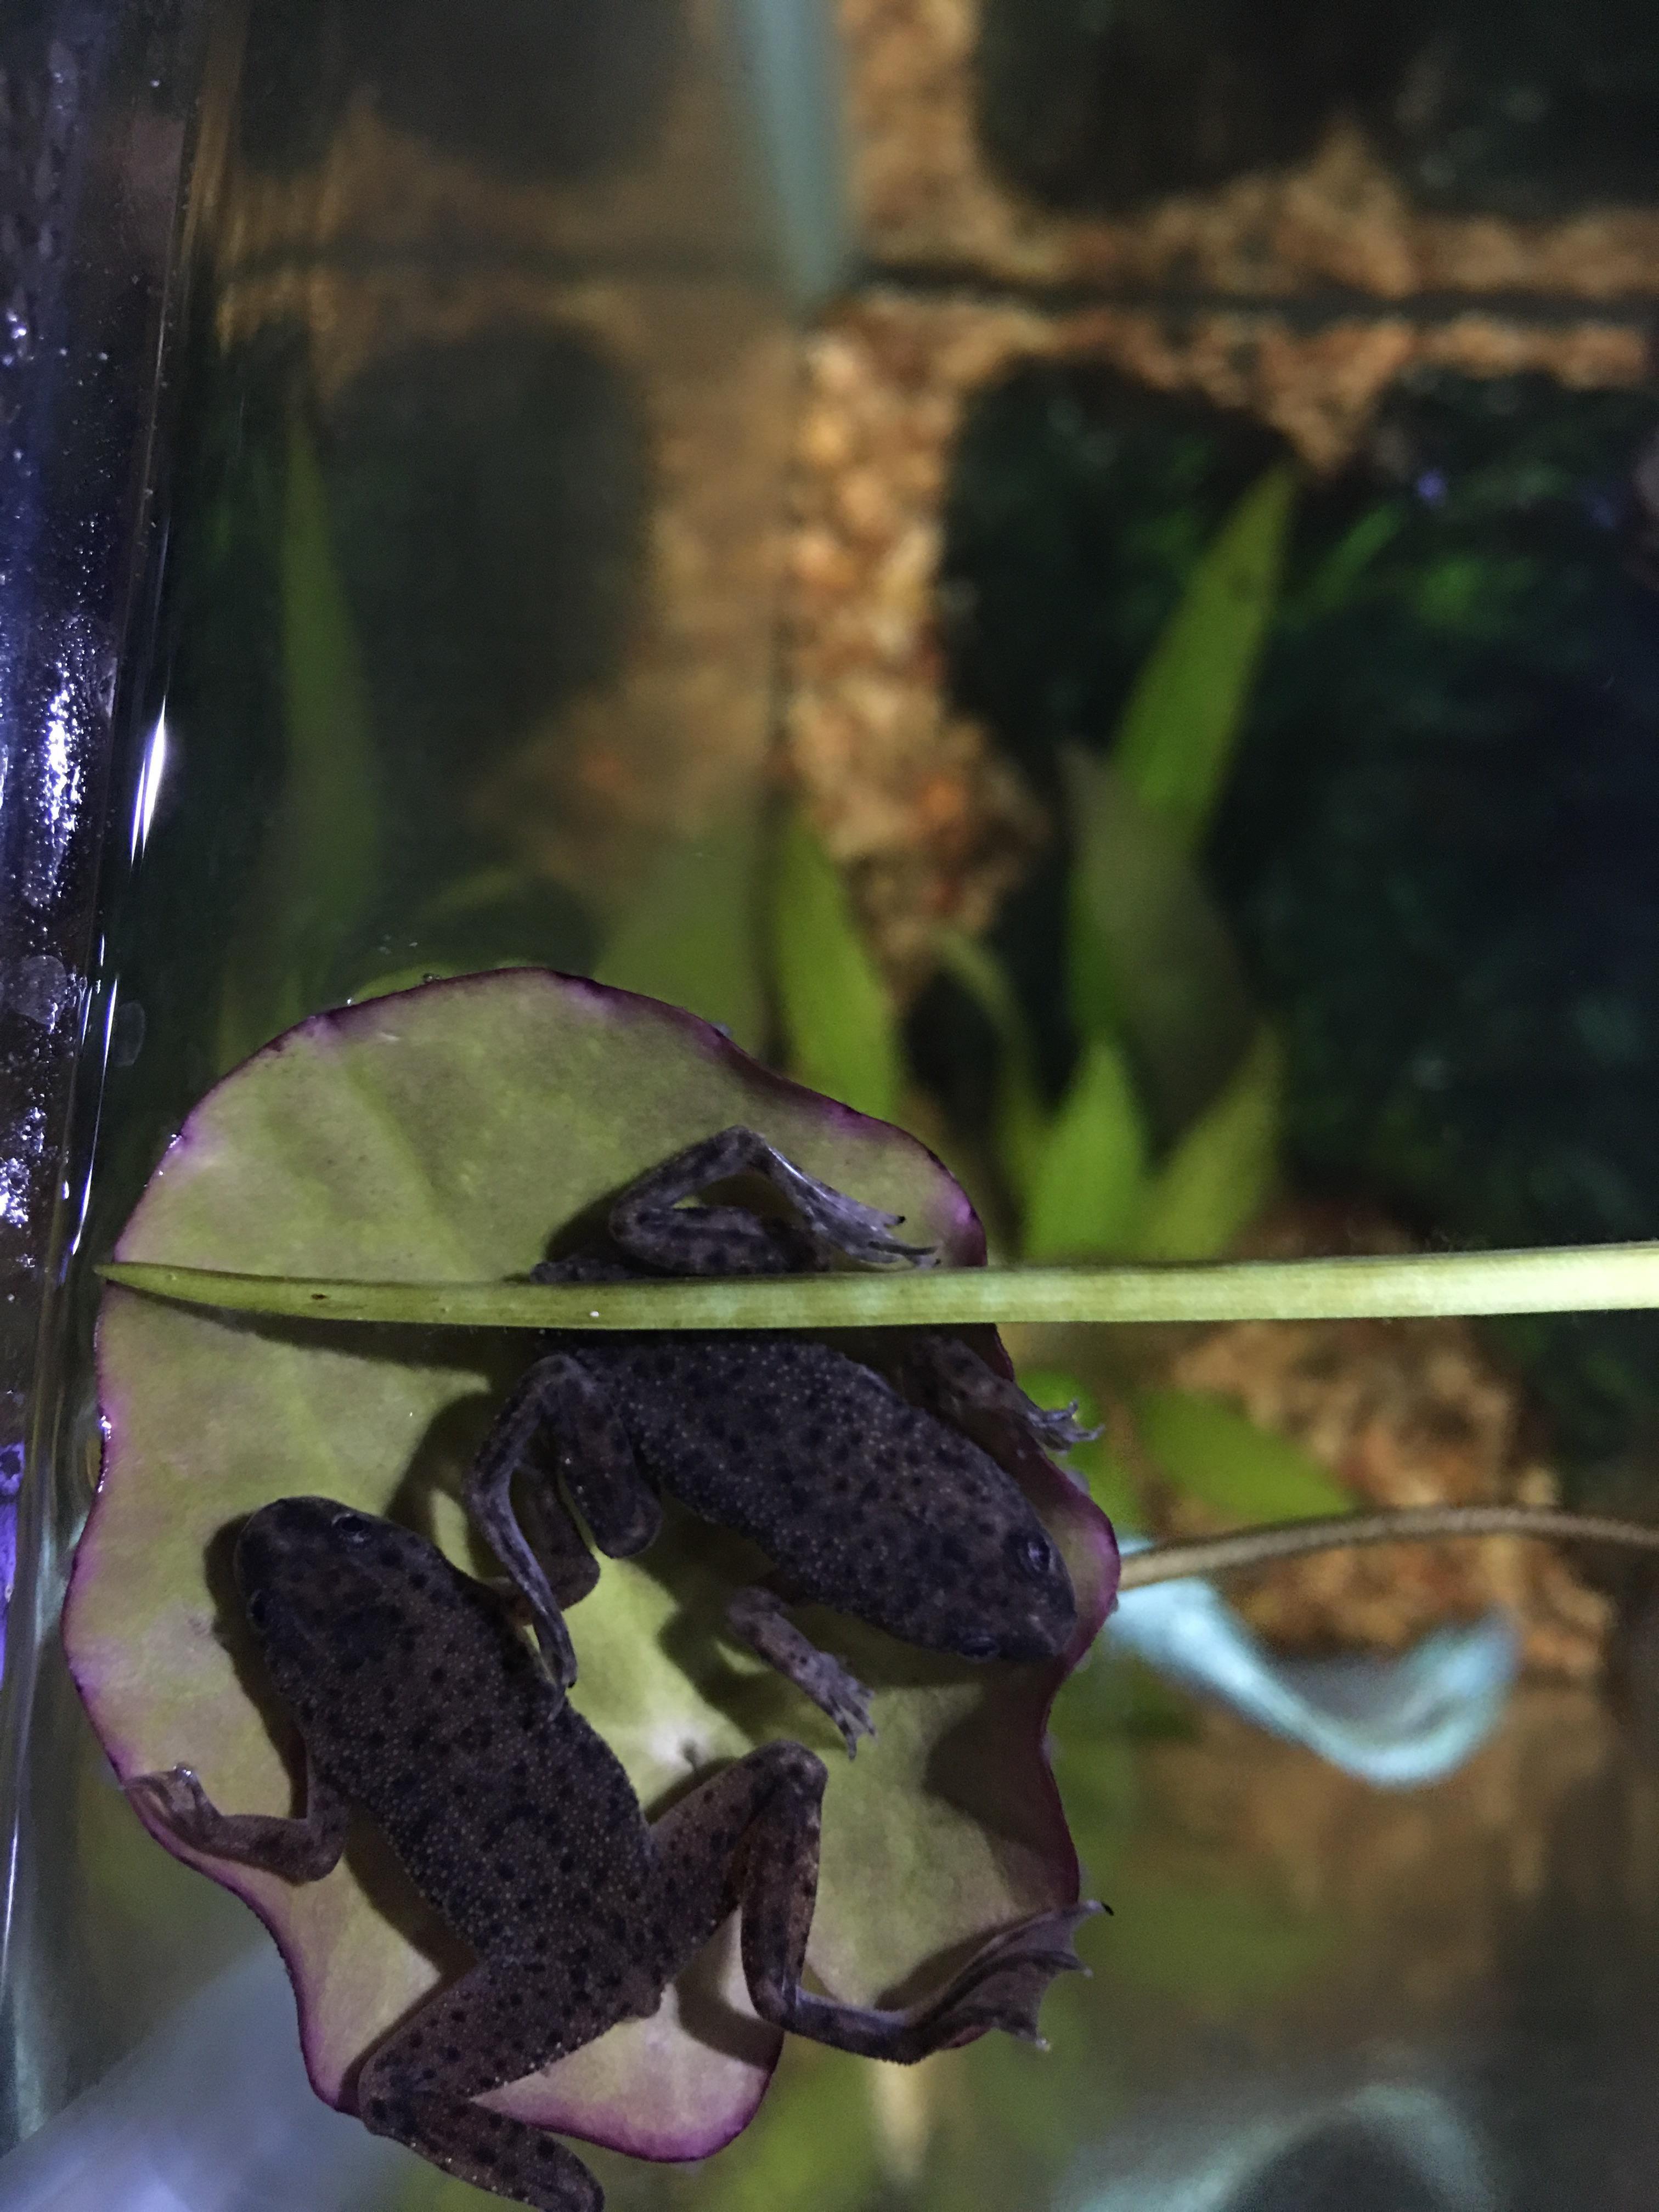 African Dwarf Frogs Enjoying Their New Banana Plant Http Ift Tt